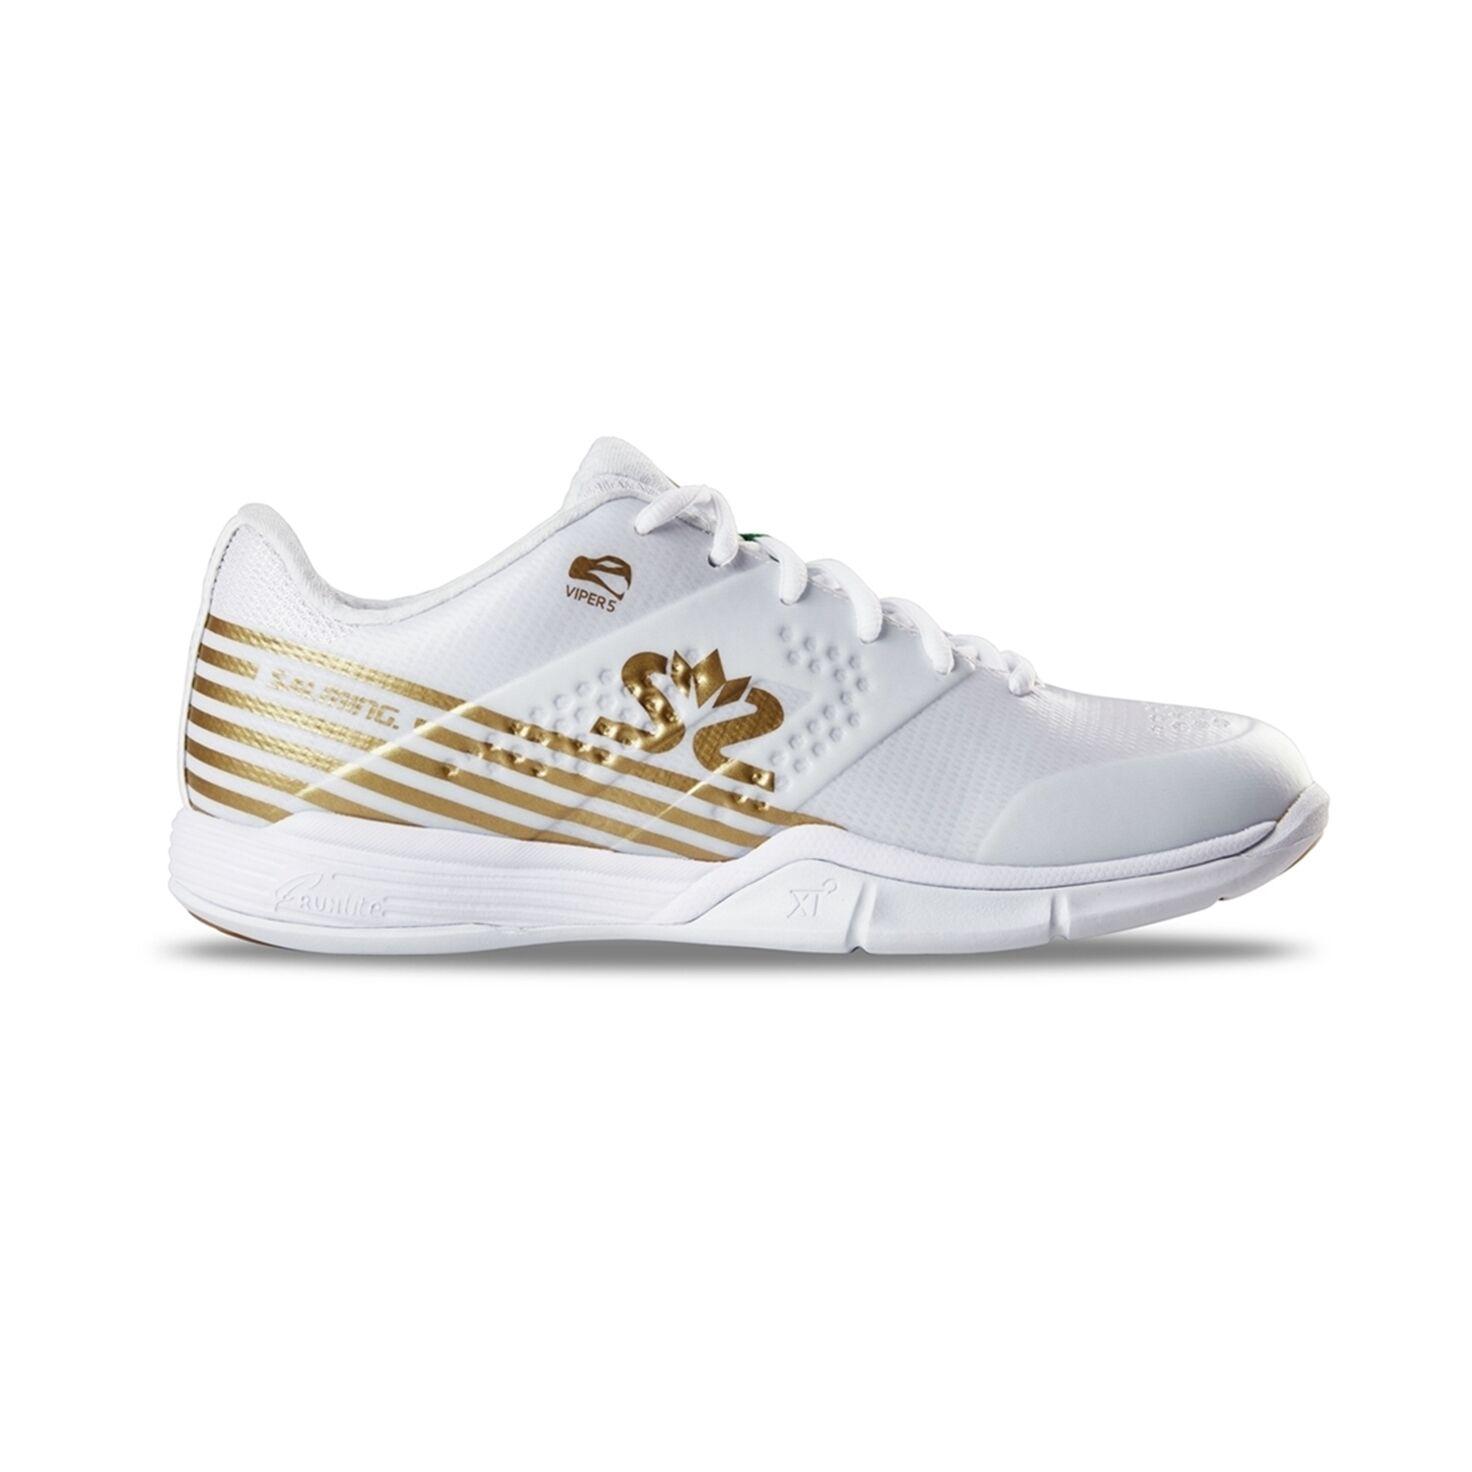 Salming Viper 5 Women White/Gold 38